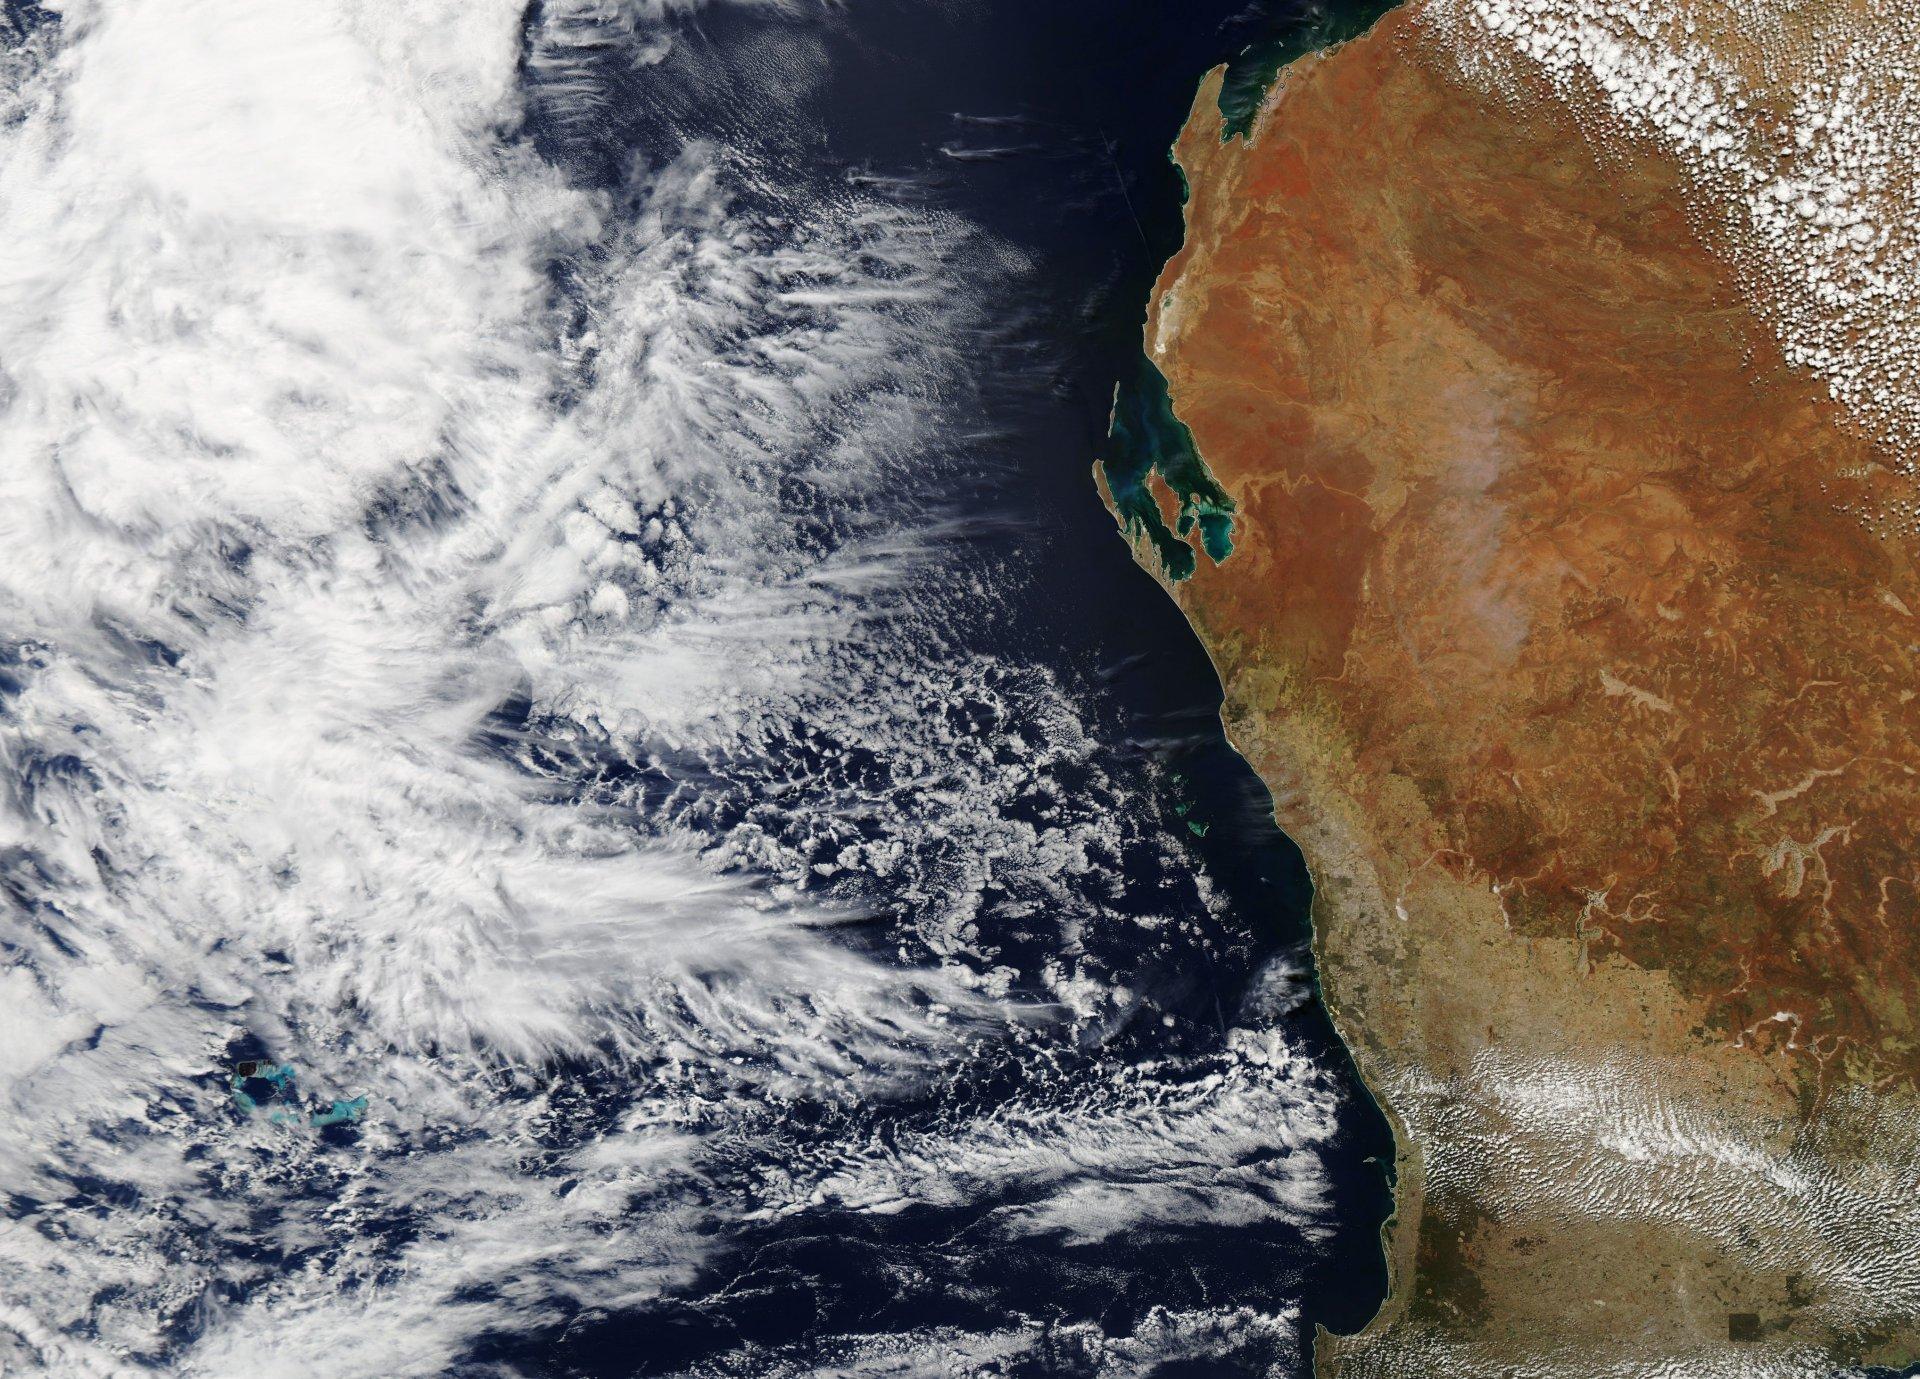 Premier avril - Poisson d'avril - April's fool - Satellite - île mystérieuse - Océan indien